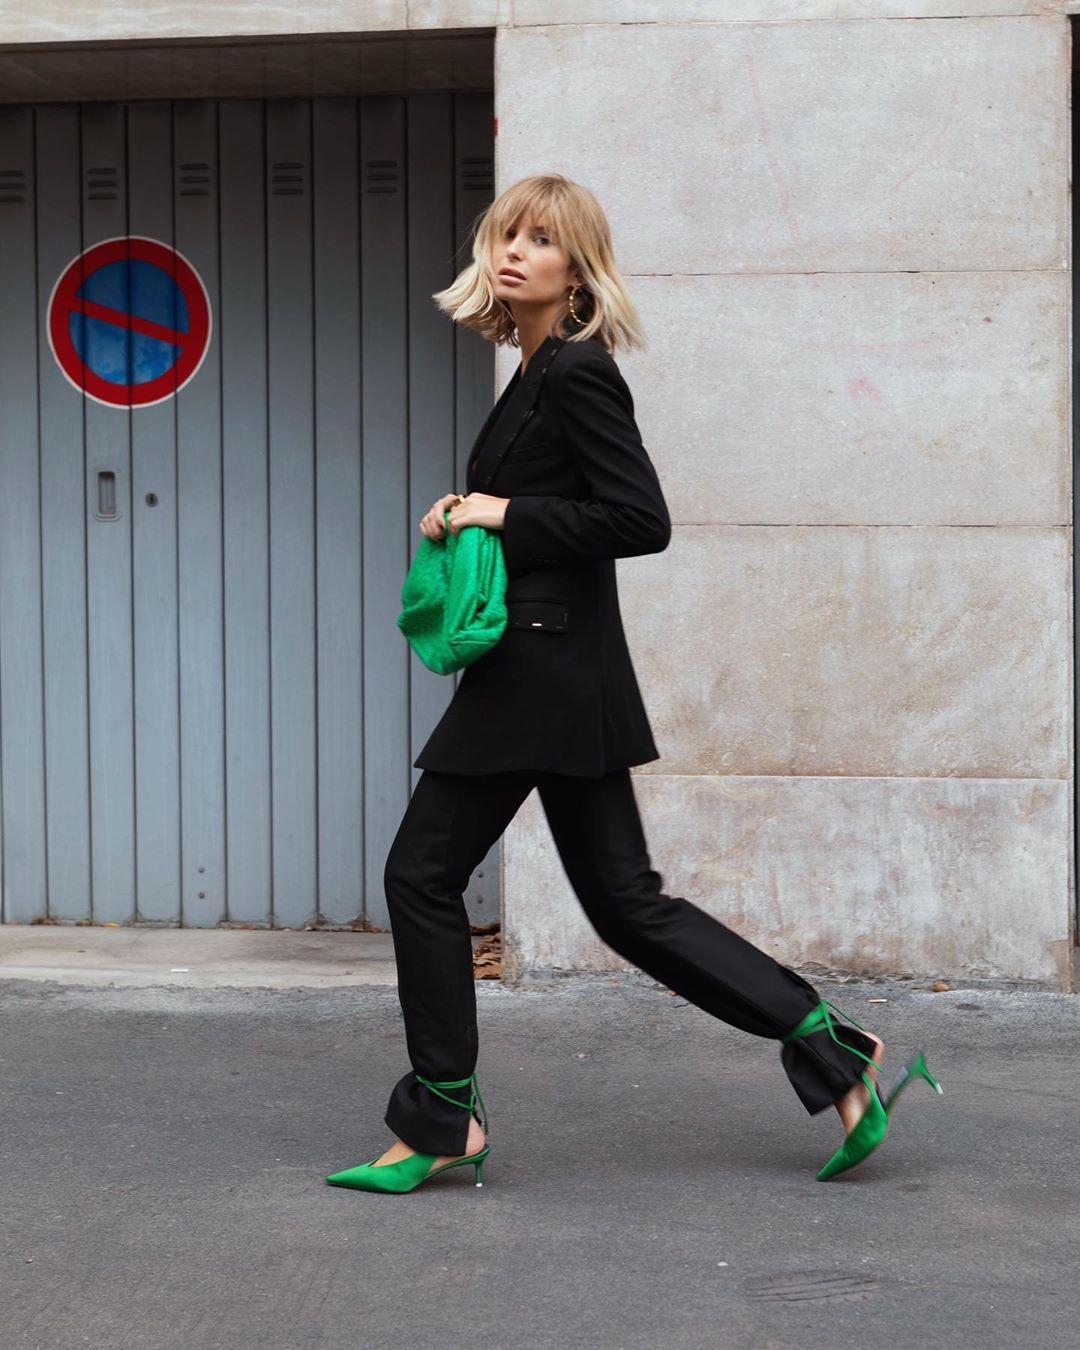 cung Bạch Dương mặc âu phục đen với giày và túi xanh lá